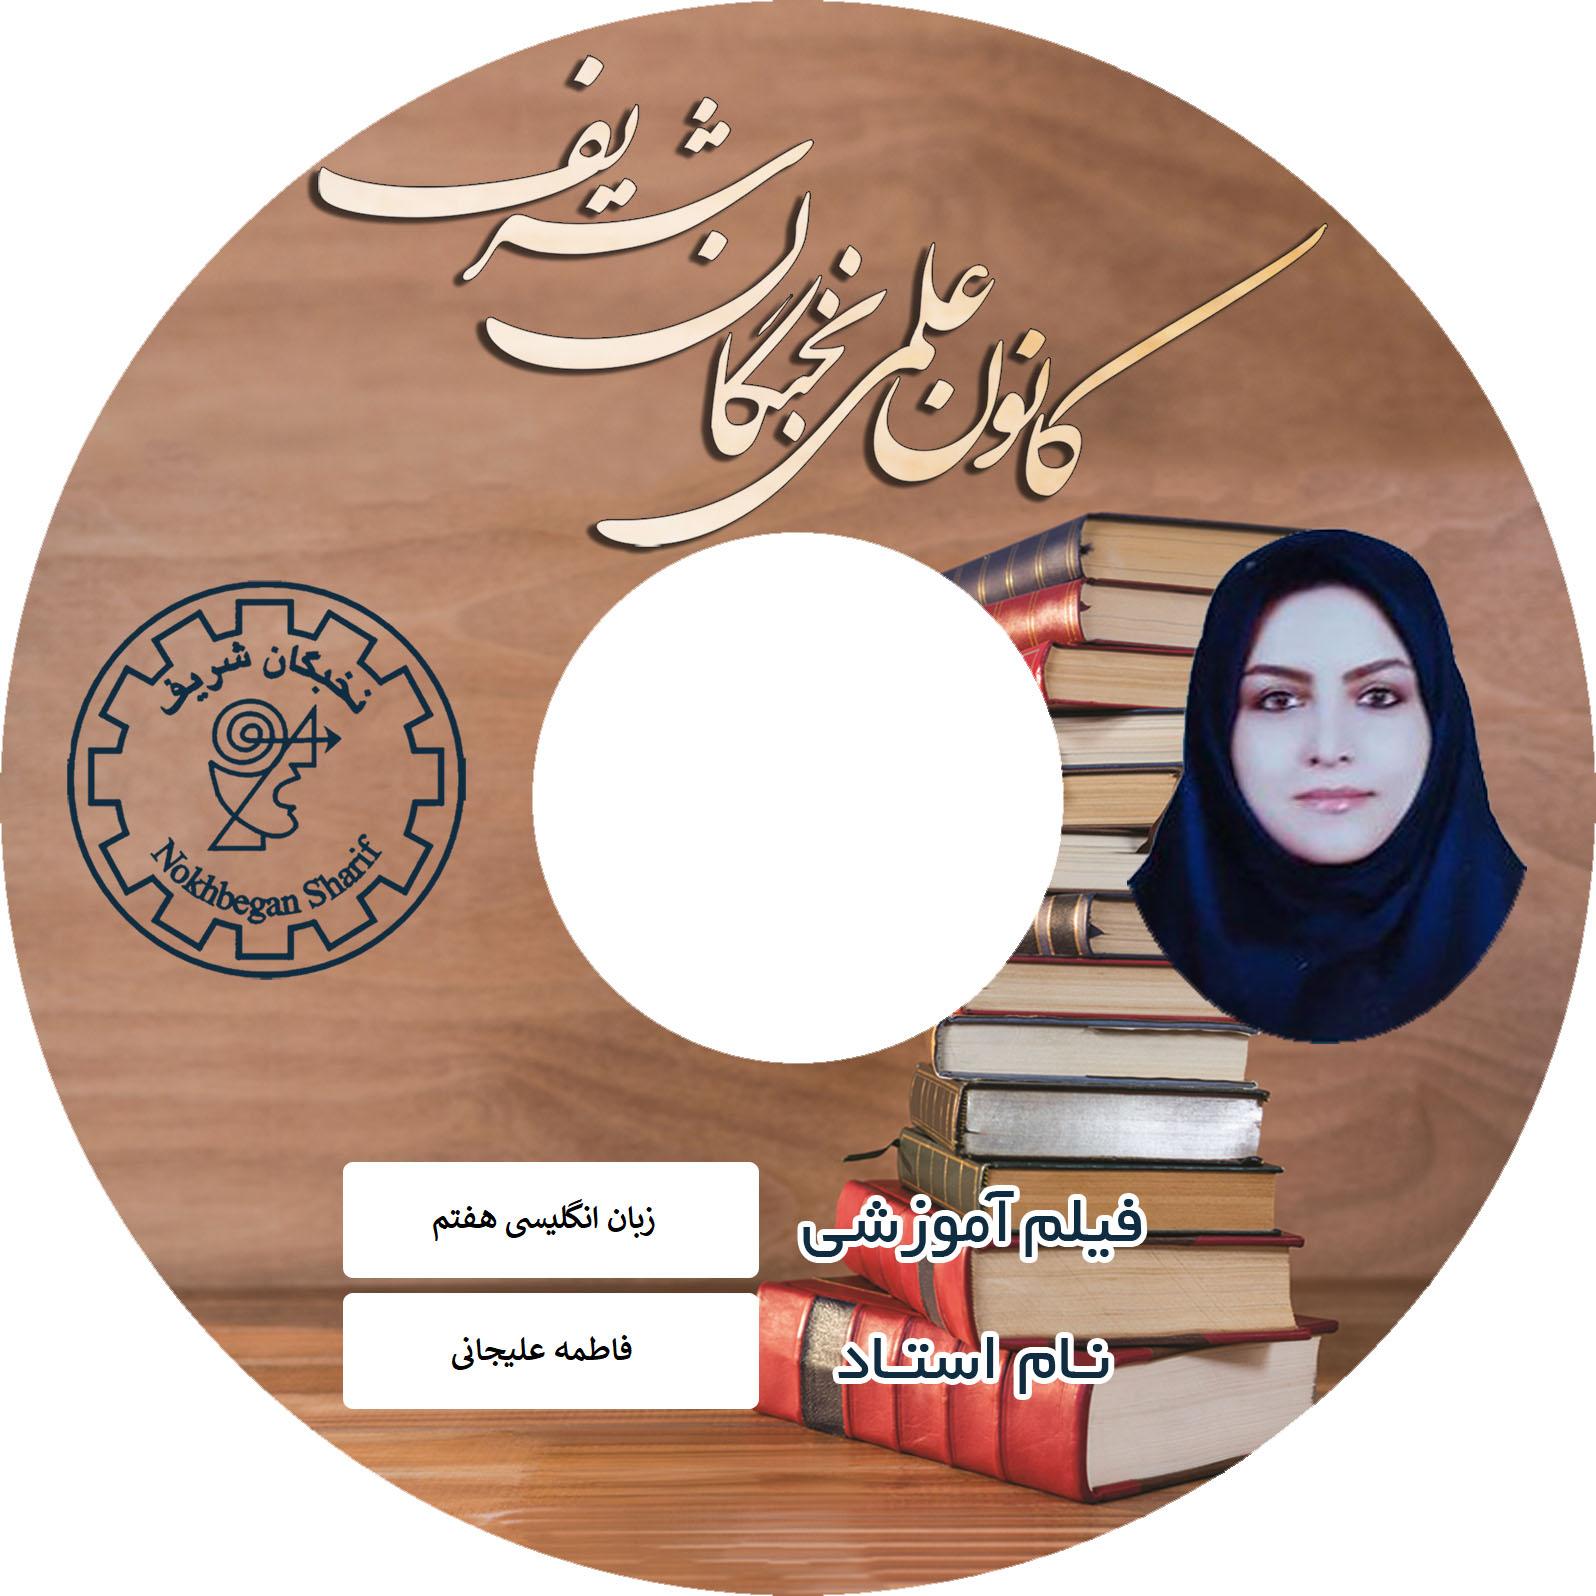 آموزش تصویری زبان انگلیسی هفتم نشر نخبگان شریف